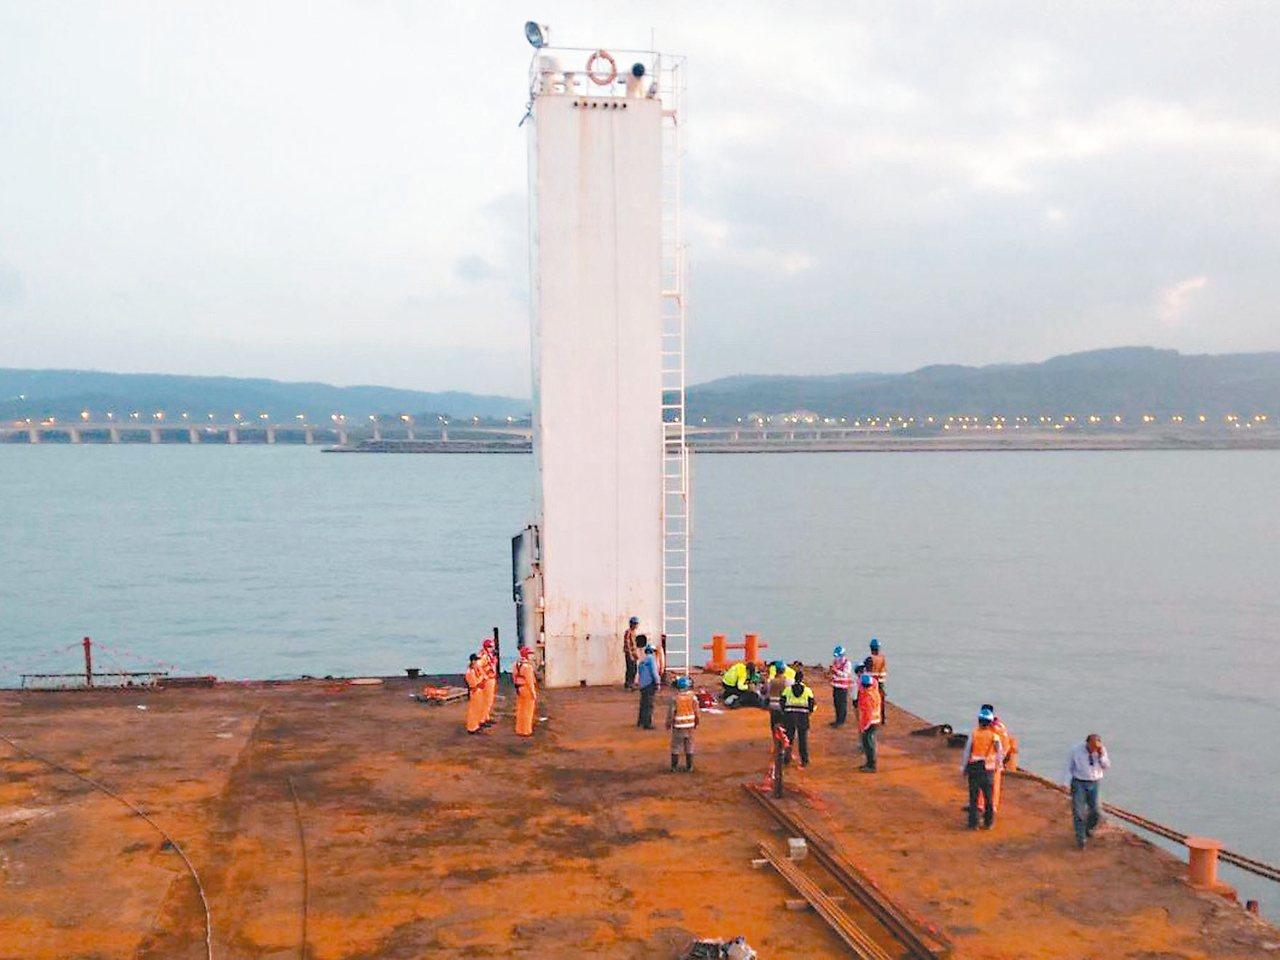 中油委外包商昨天在台北港進行沉箱吊掛作業發生意外,七名工人掉進海裡,造成三死四傷...